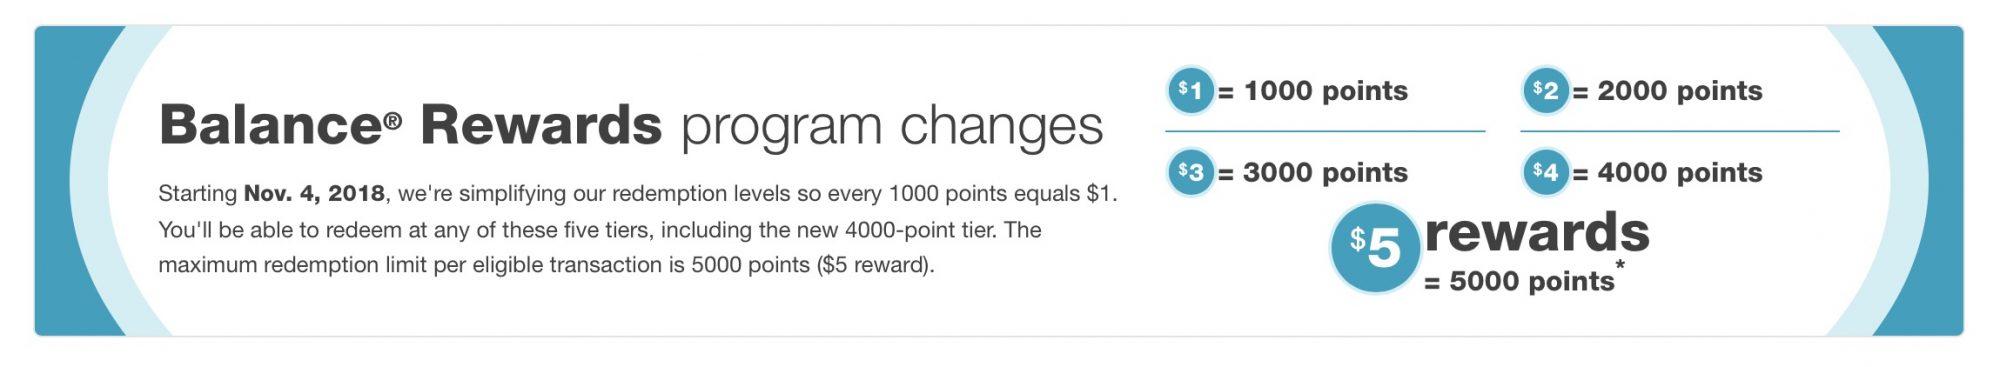 New redemption tiers in Walgreens Balance Rewards